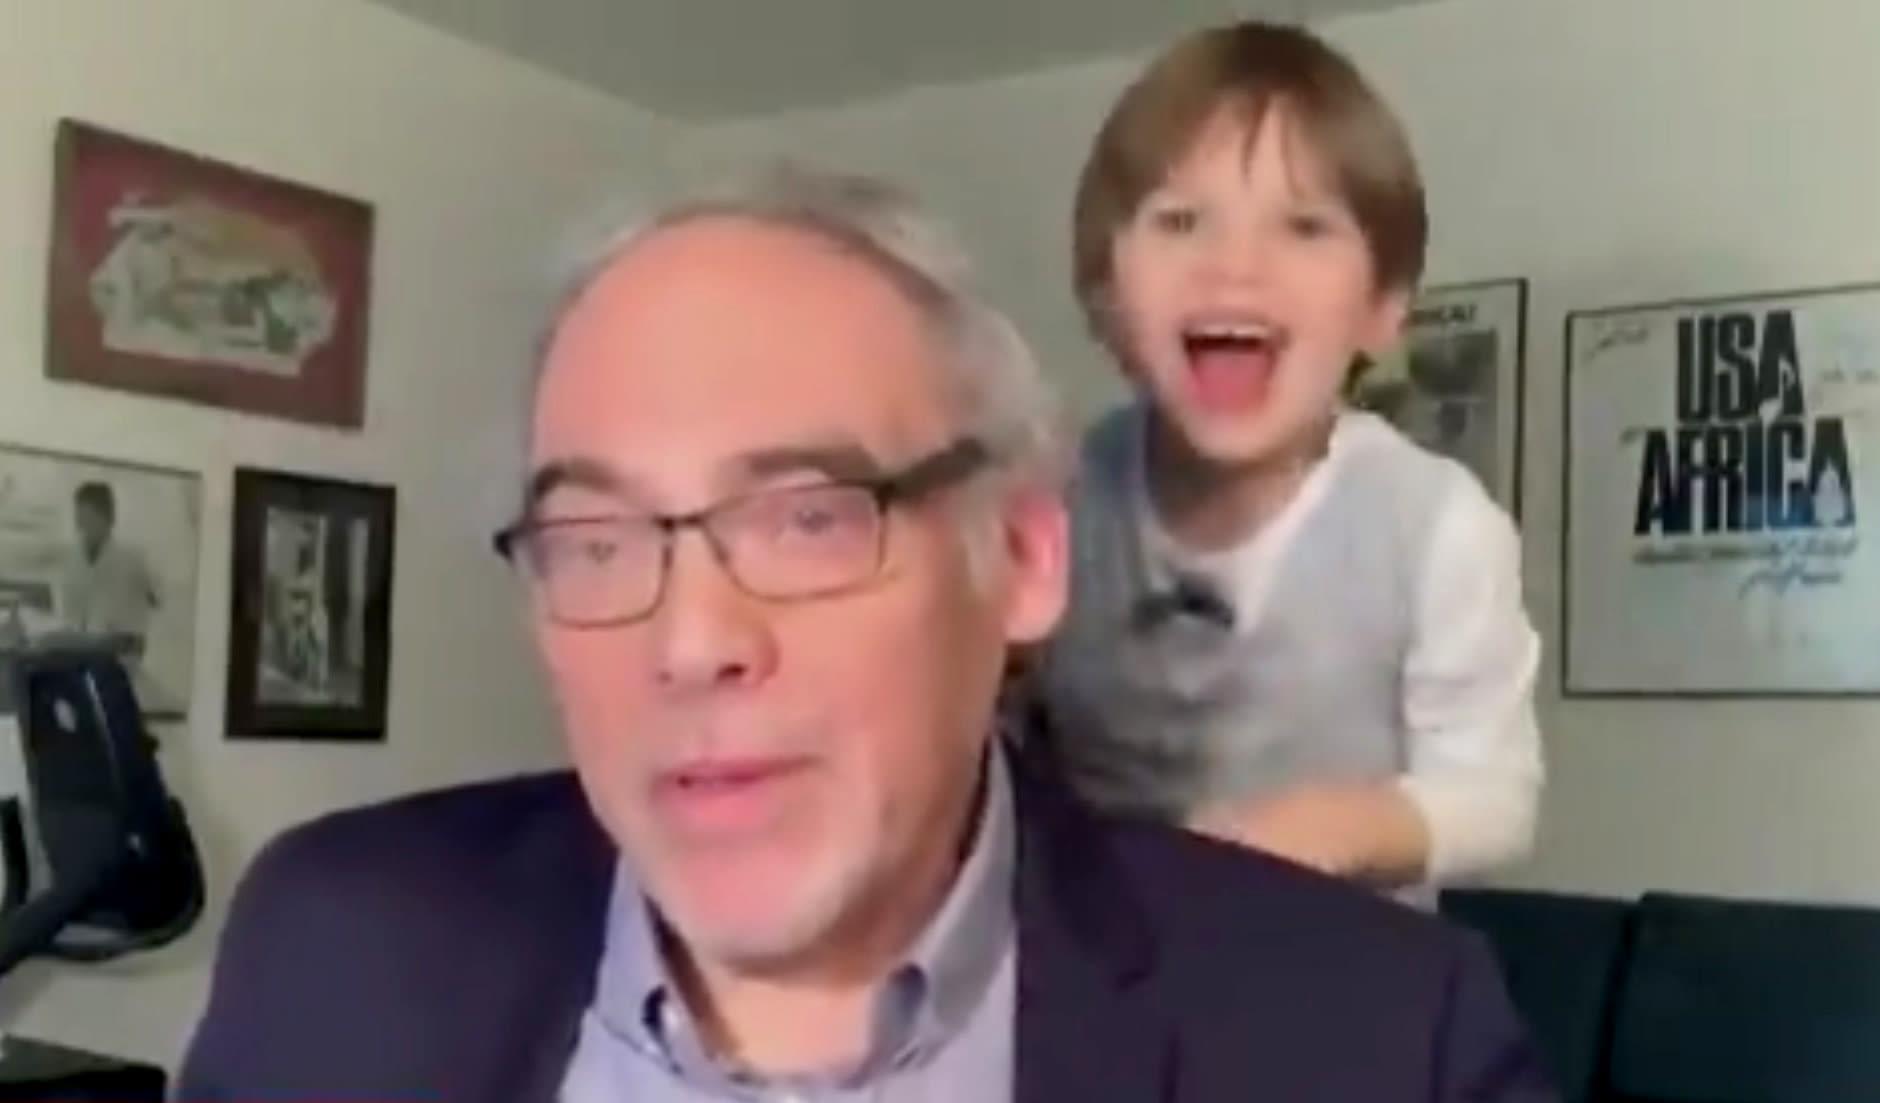 طفل يقاطع جده خلال مقابلة مباشرة على الهواء عبر MSNBC